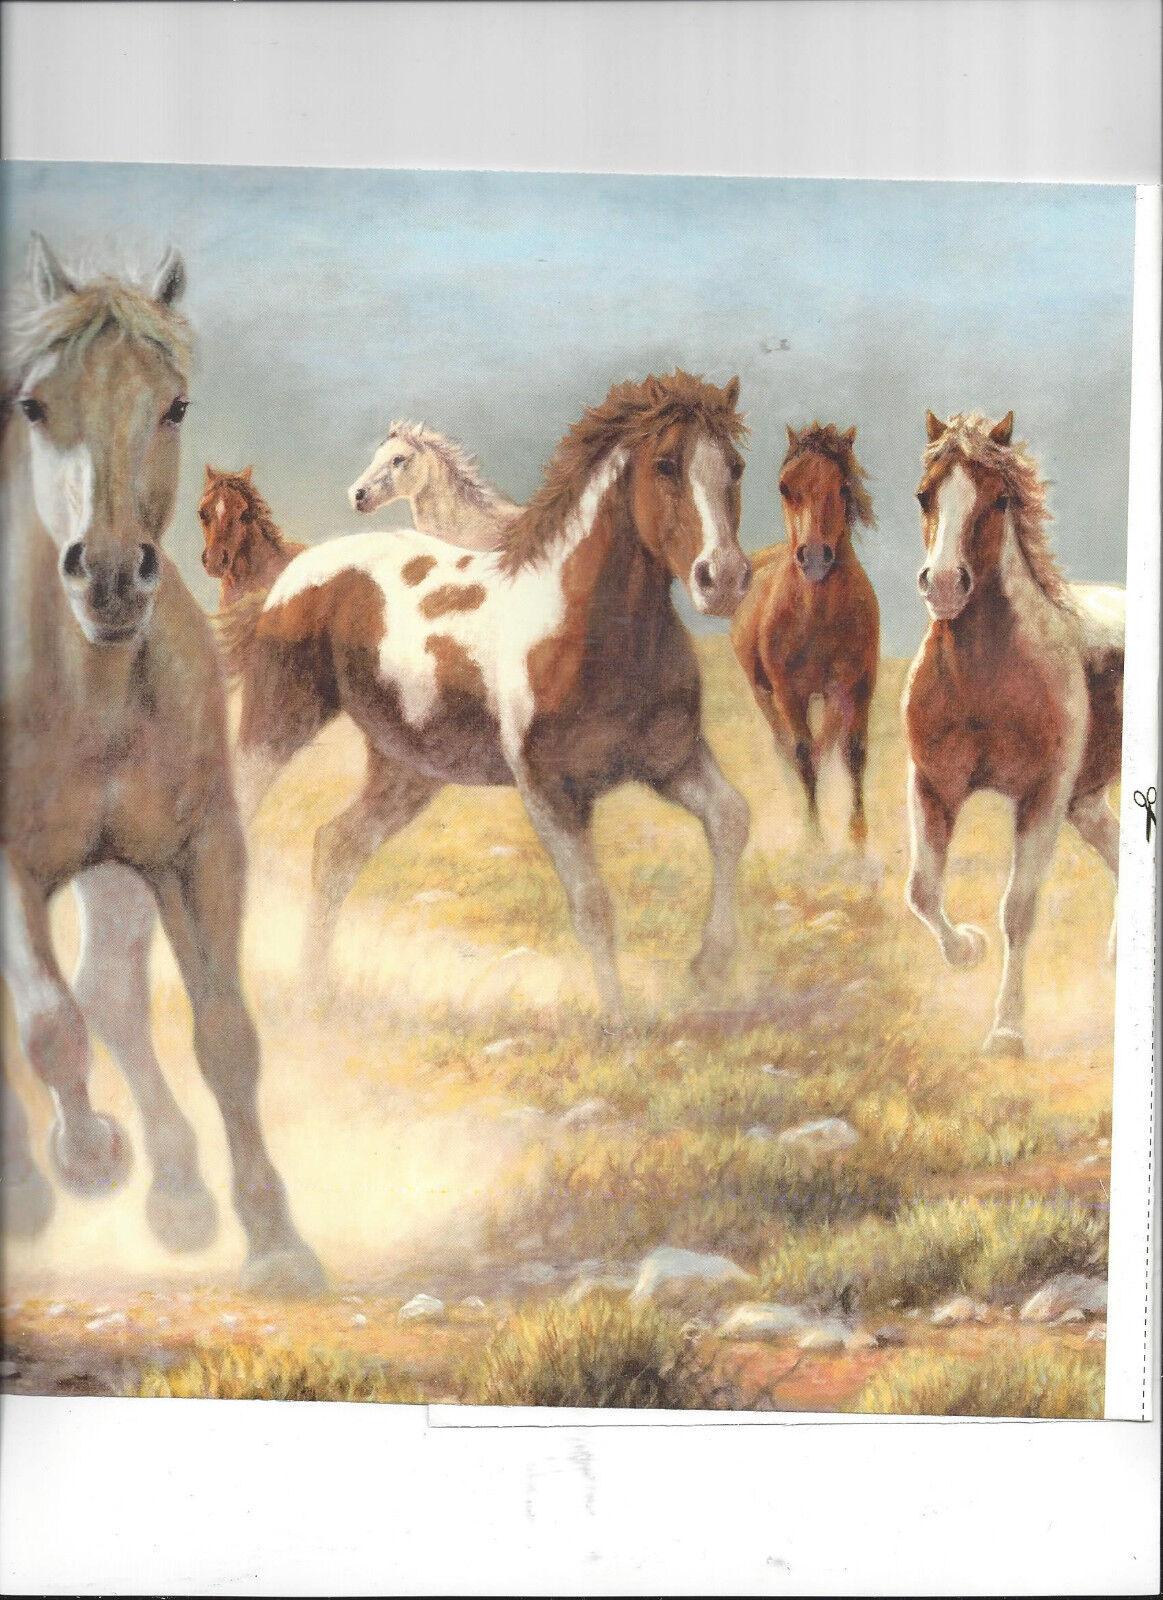 Western Horses Wallpaper Border Mrl2431 For Sale Online Ebay